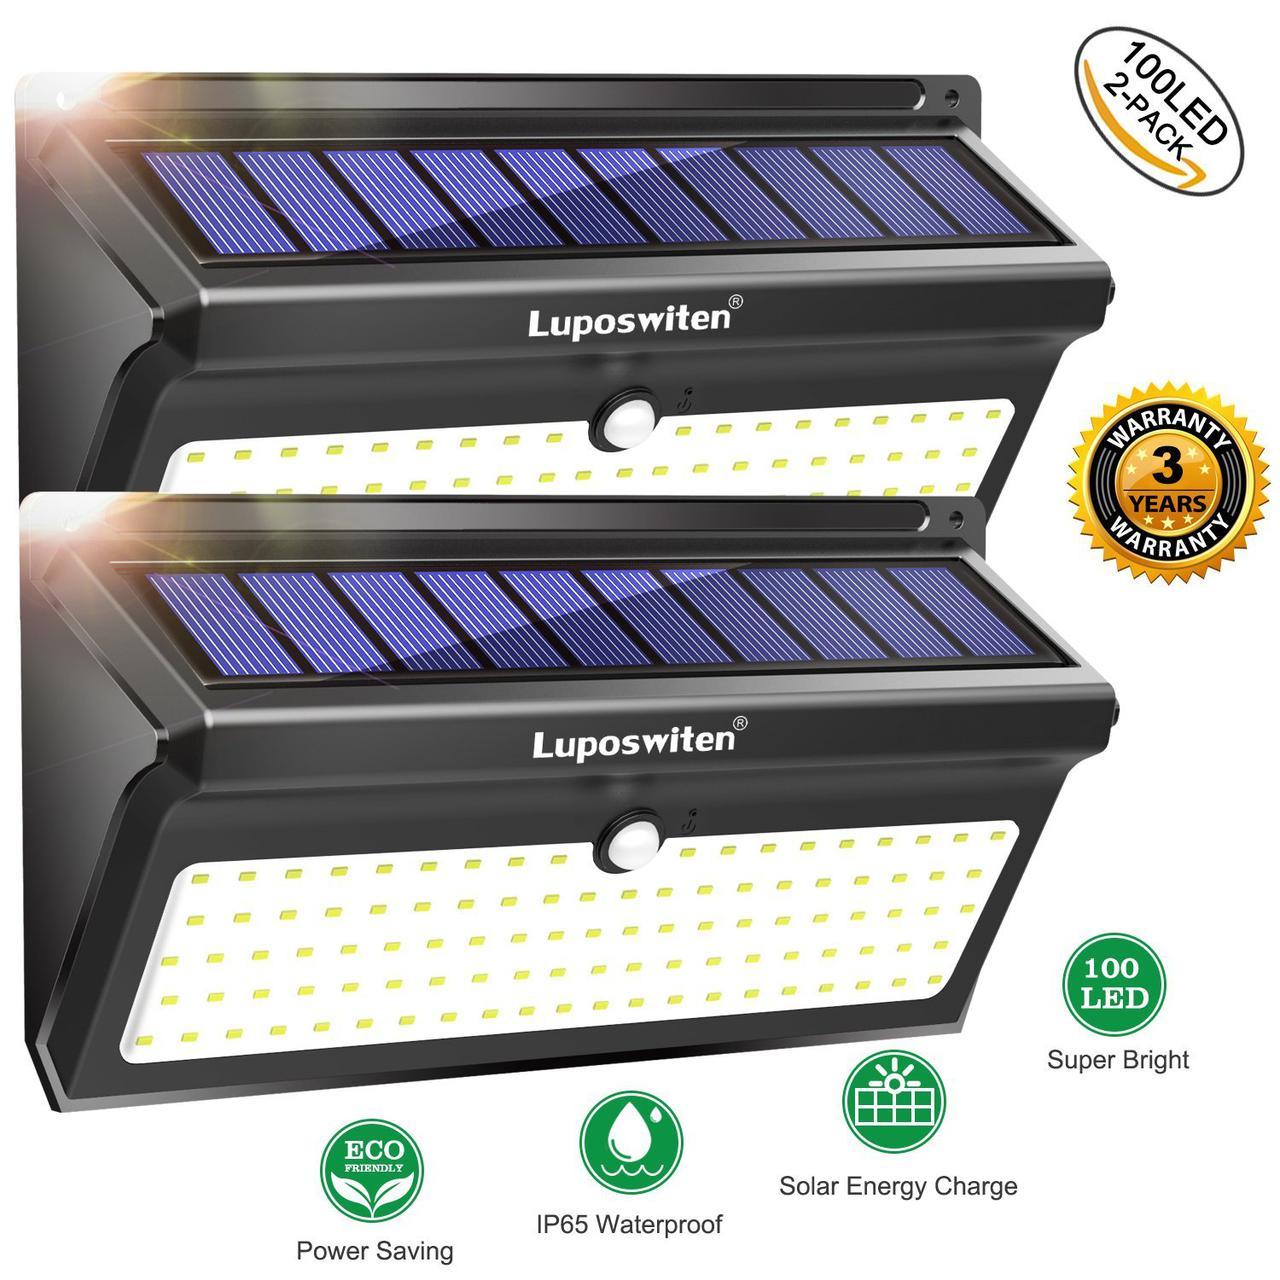 Настенные уличные LED светильники Luposwiten водонепроницаемые на солнечных батареях (2 шт.)